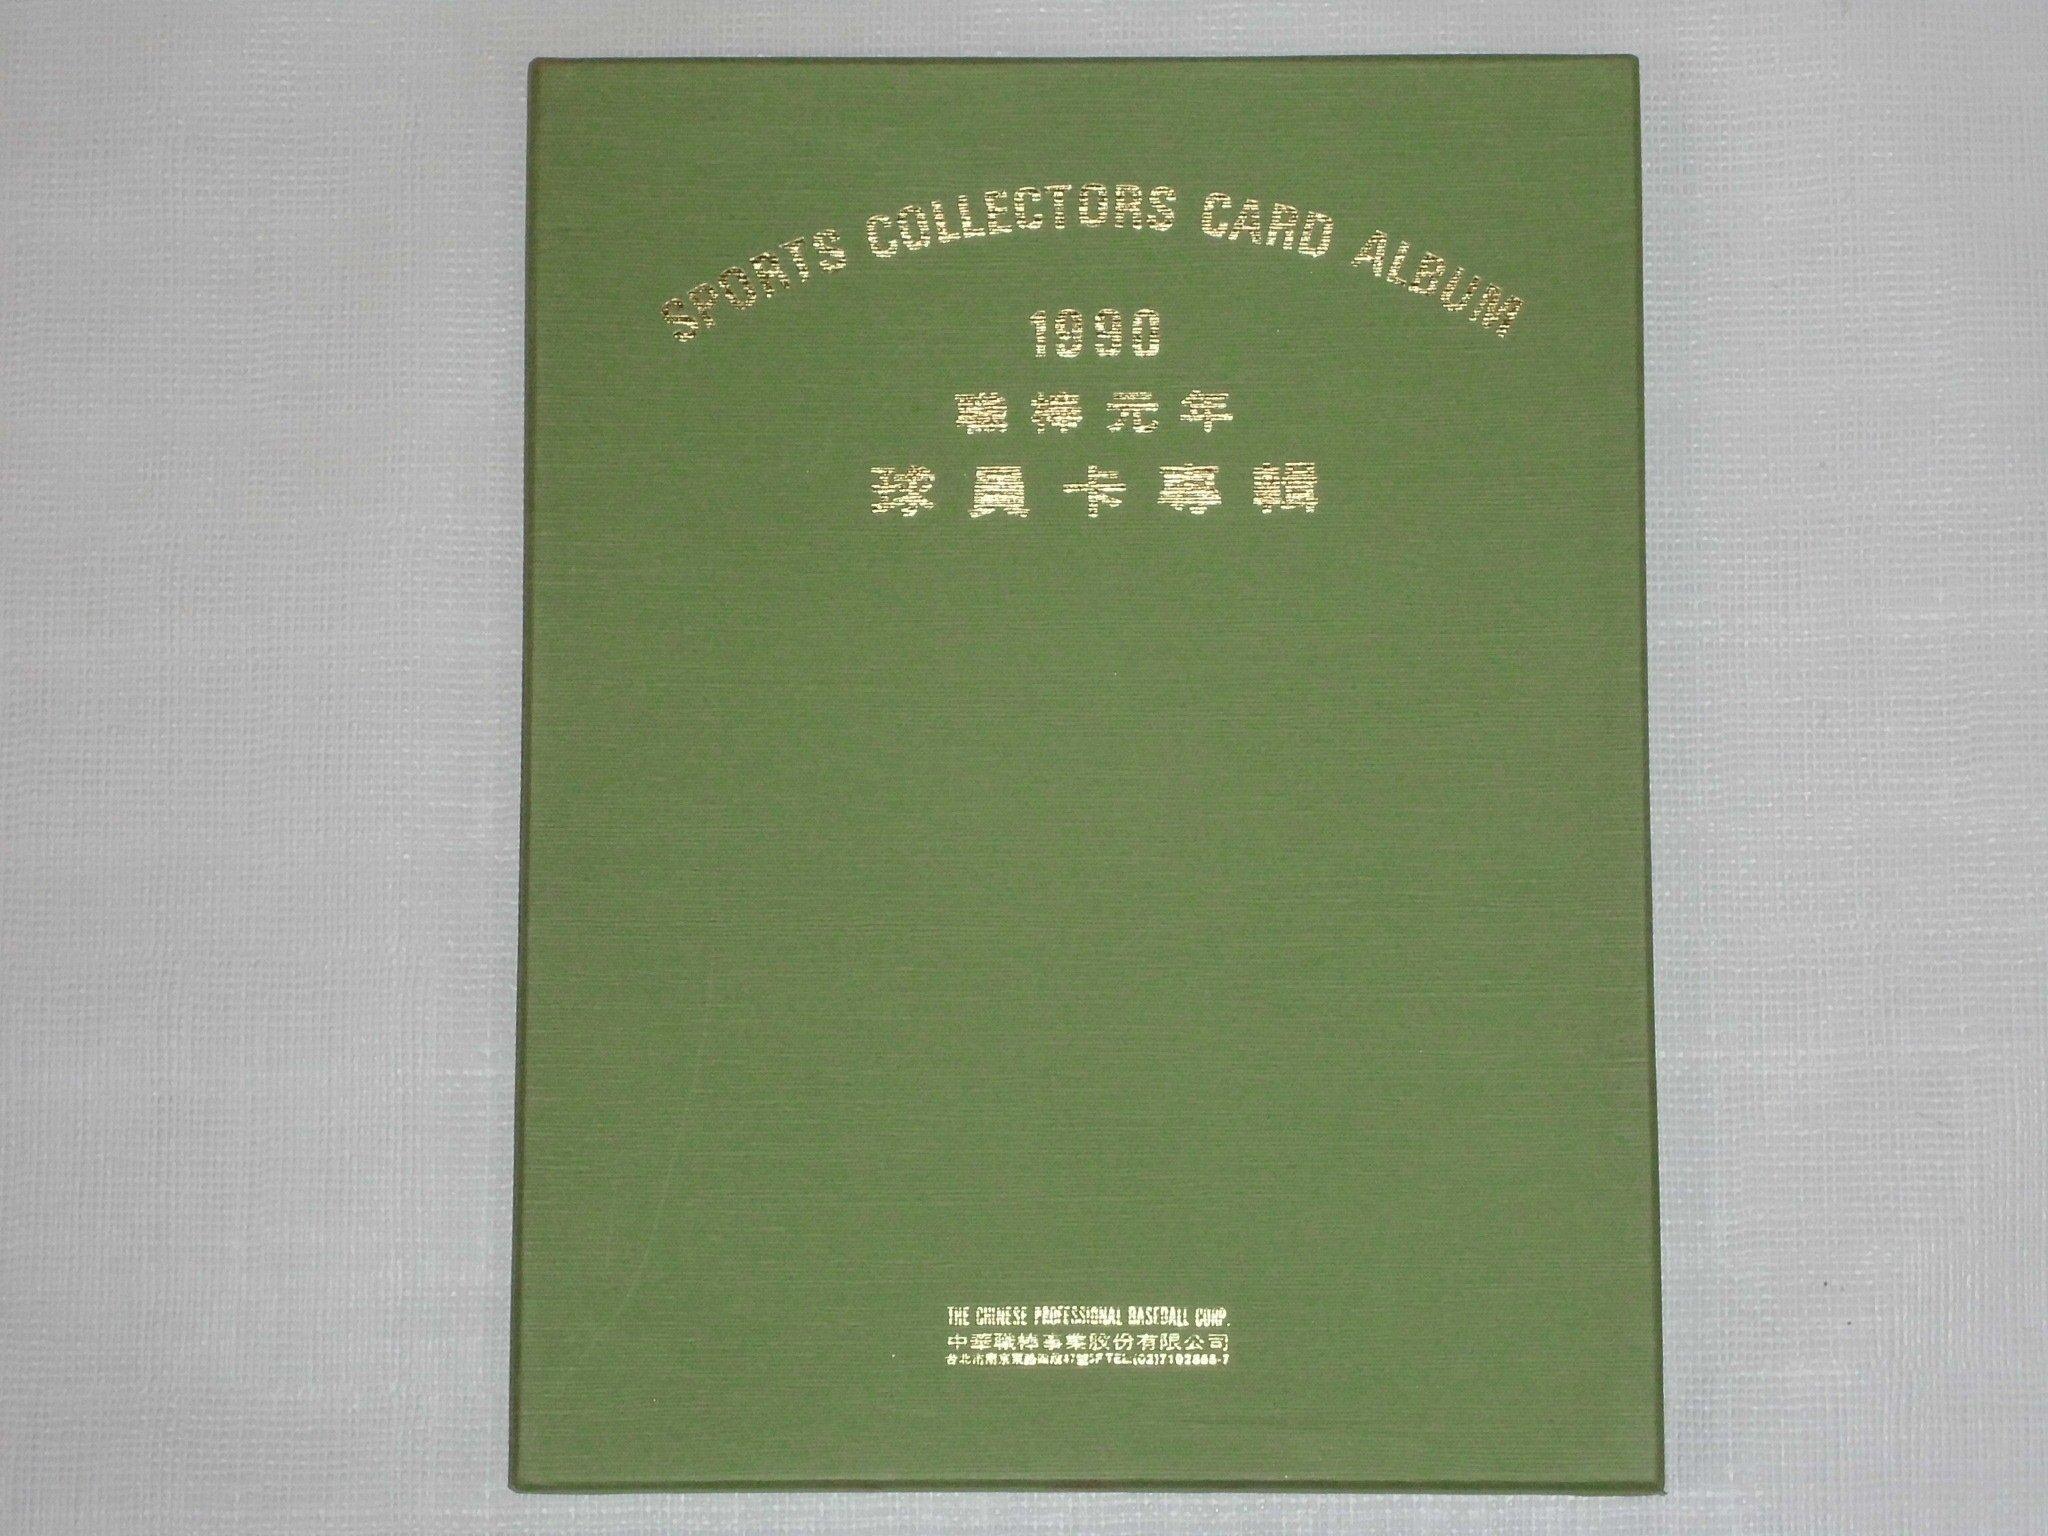 中華職棒元年第一套球員卡~味全龍、三商虎、兄弟象、統一獅共96張新人卡,限量1000套,含收藏冊及收藏盒,非常稀有哦!